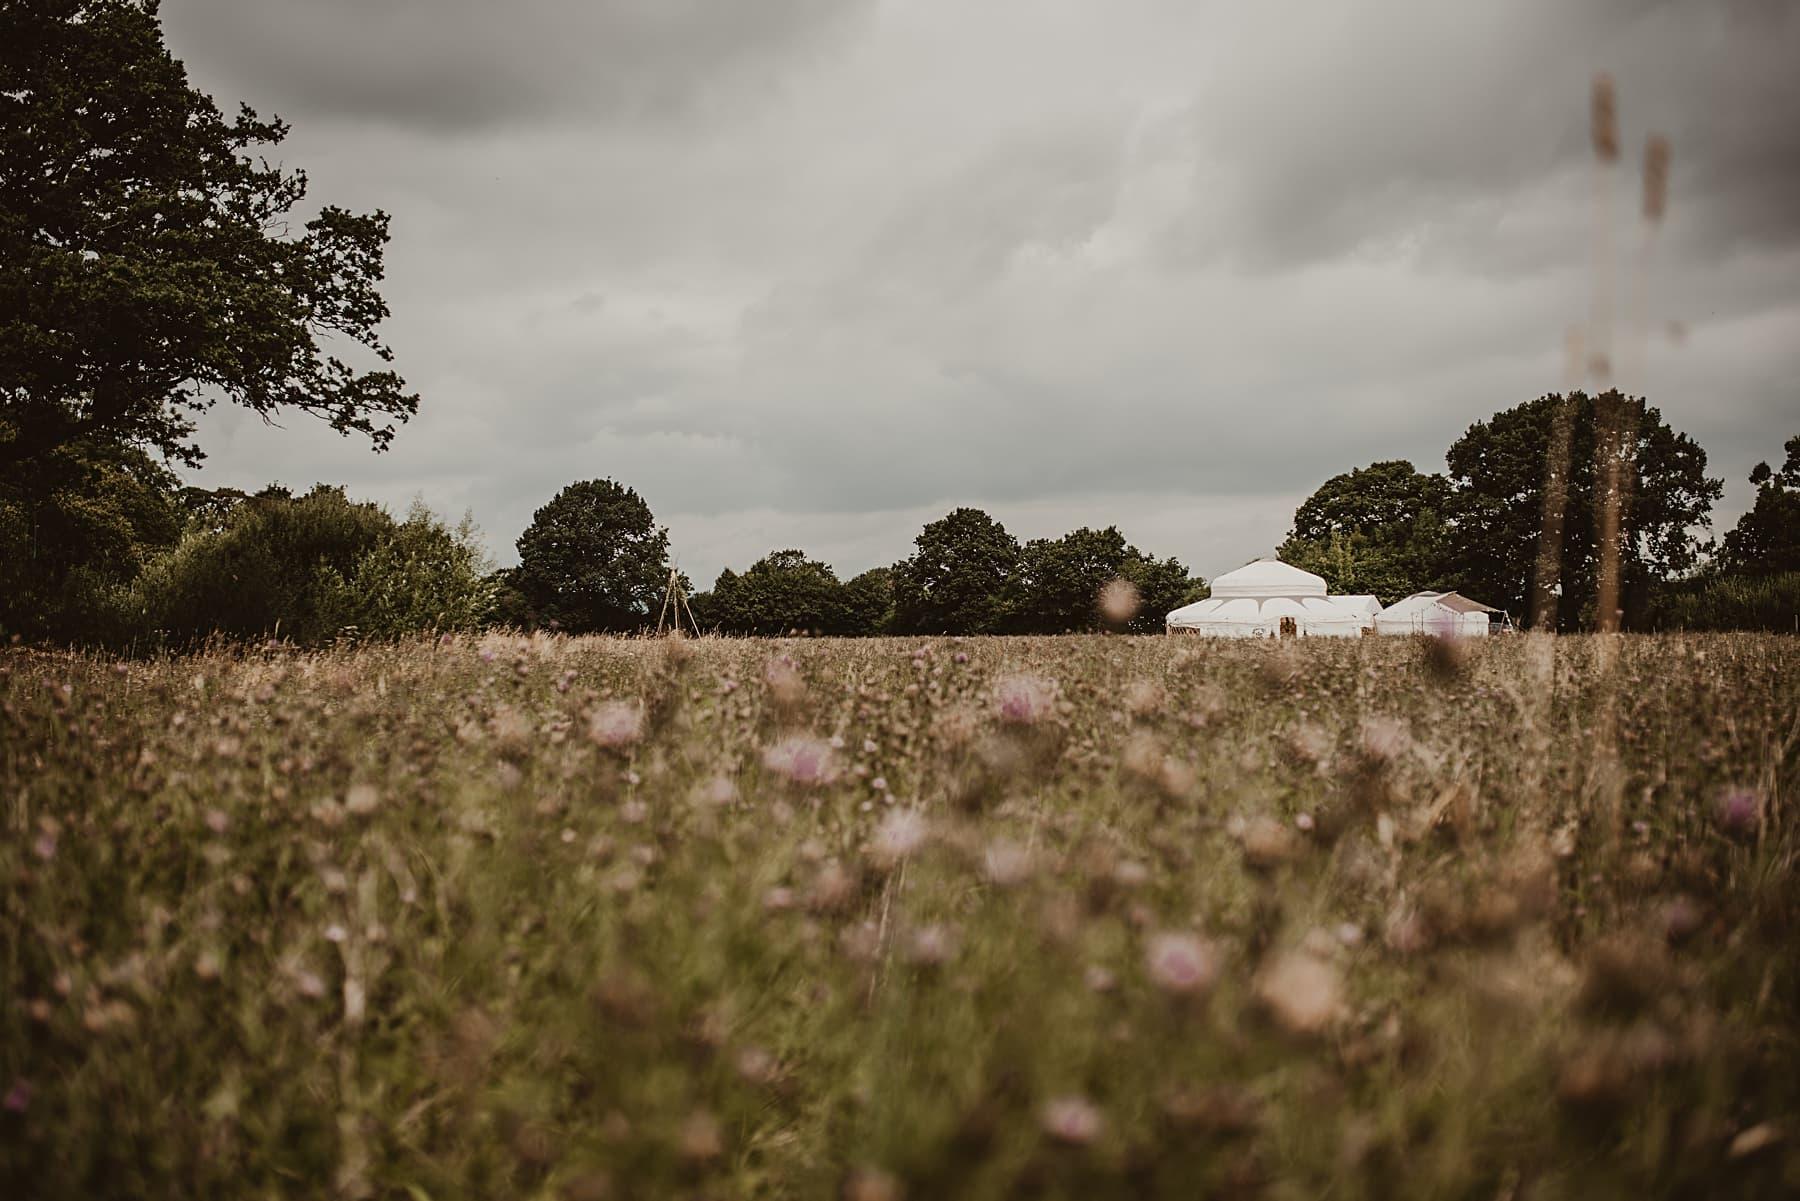 Yurt in meadow wedding Sych Pwll, Powys